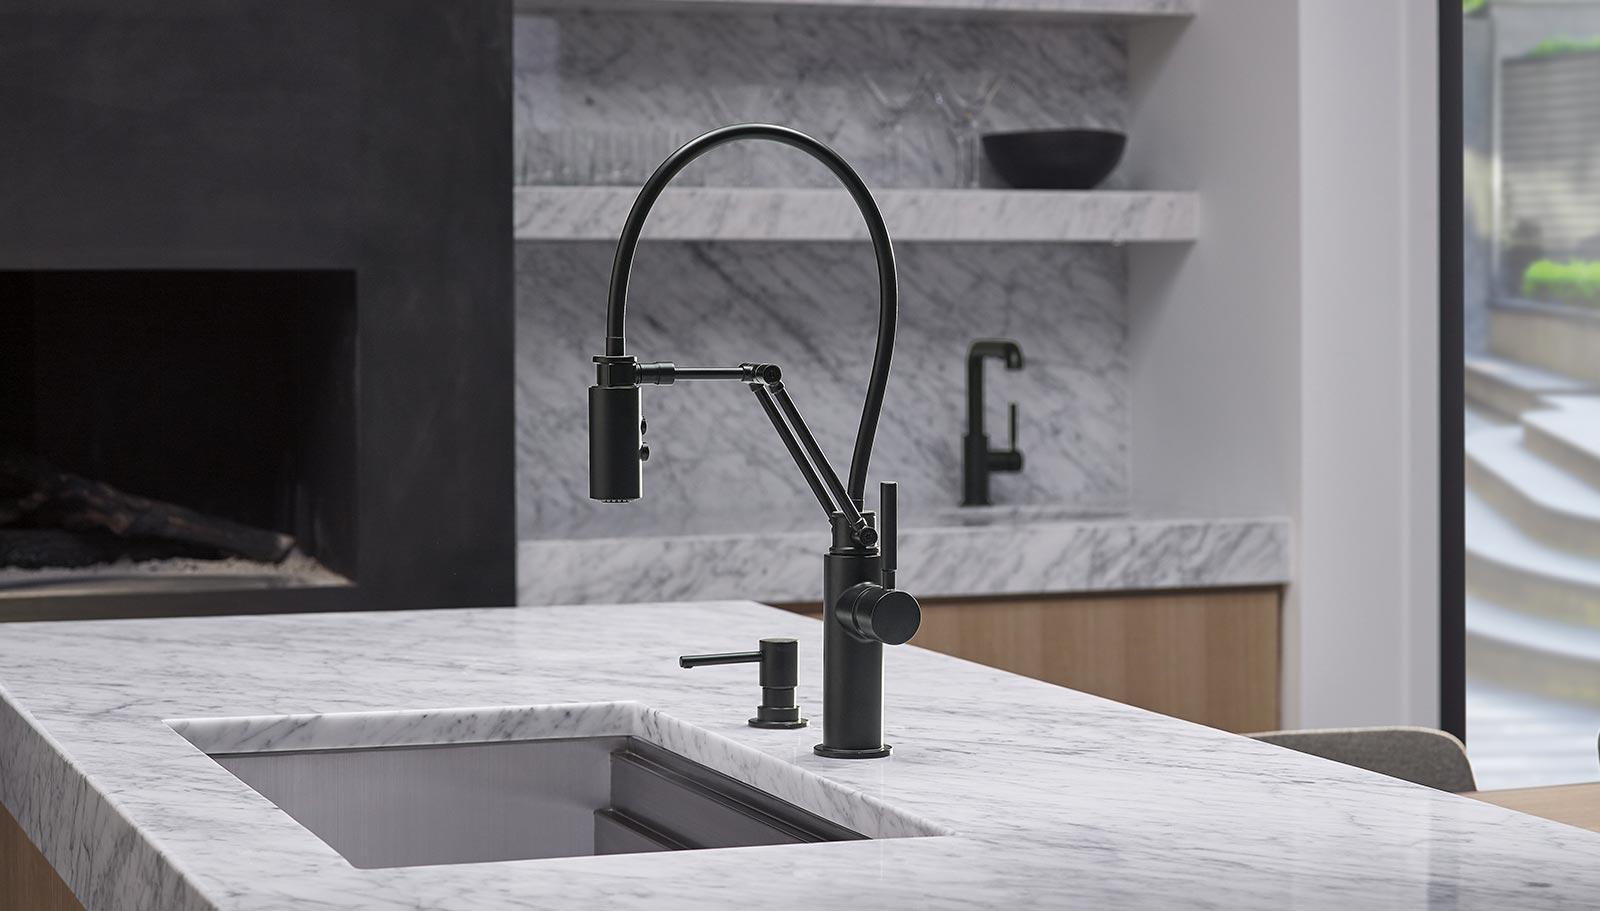 Ideas, solna kitchen brizo regarding size 1600 x 911  .